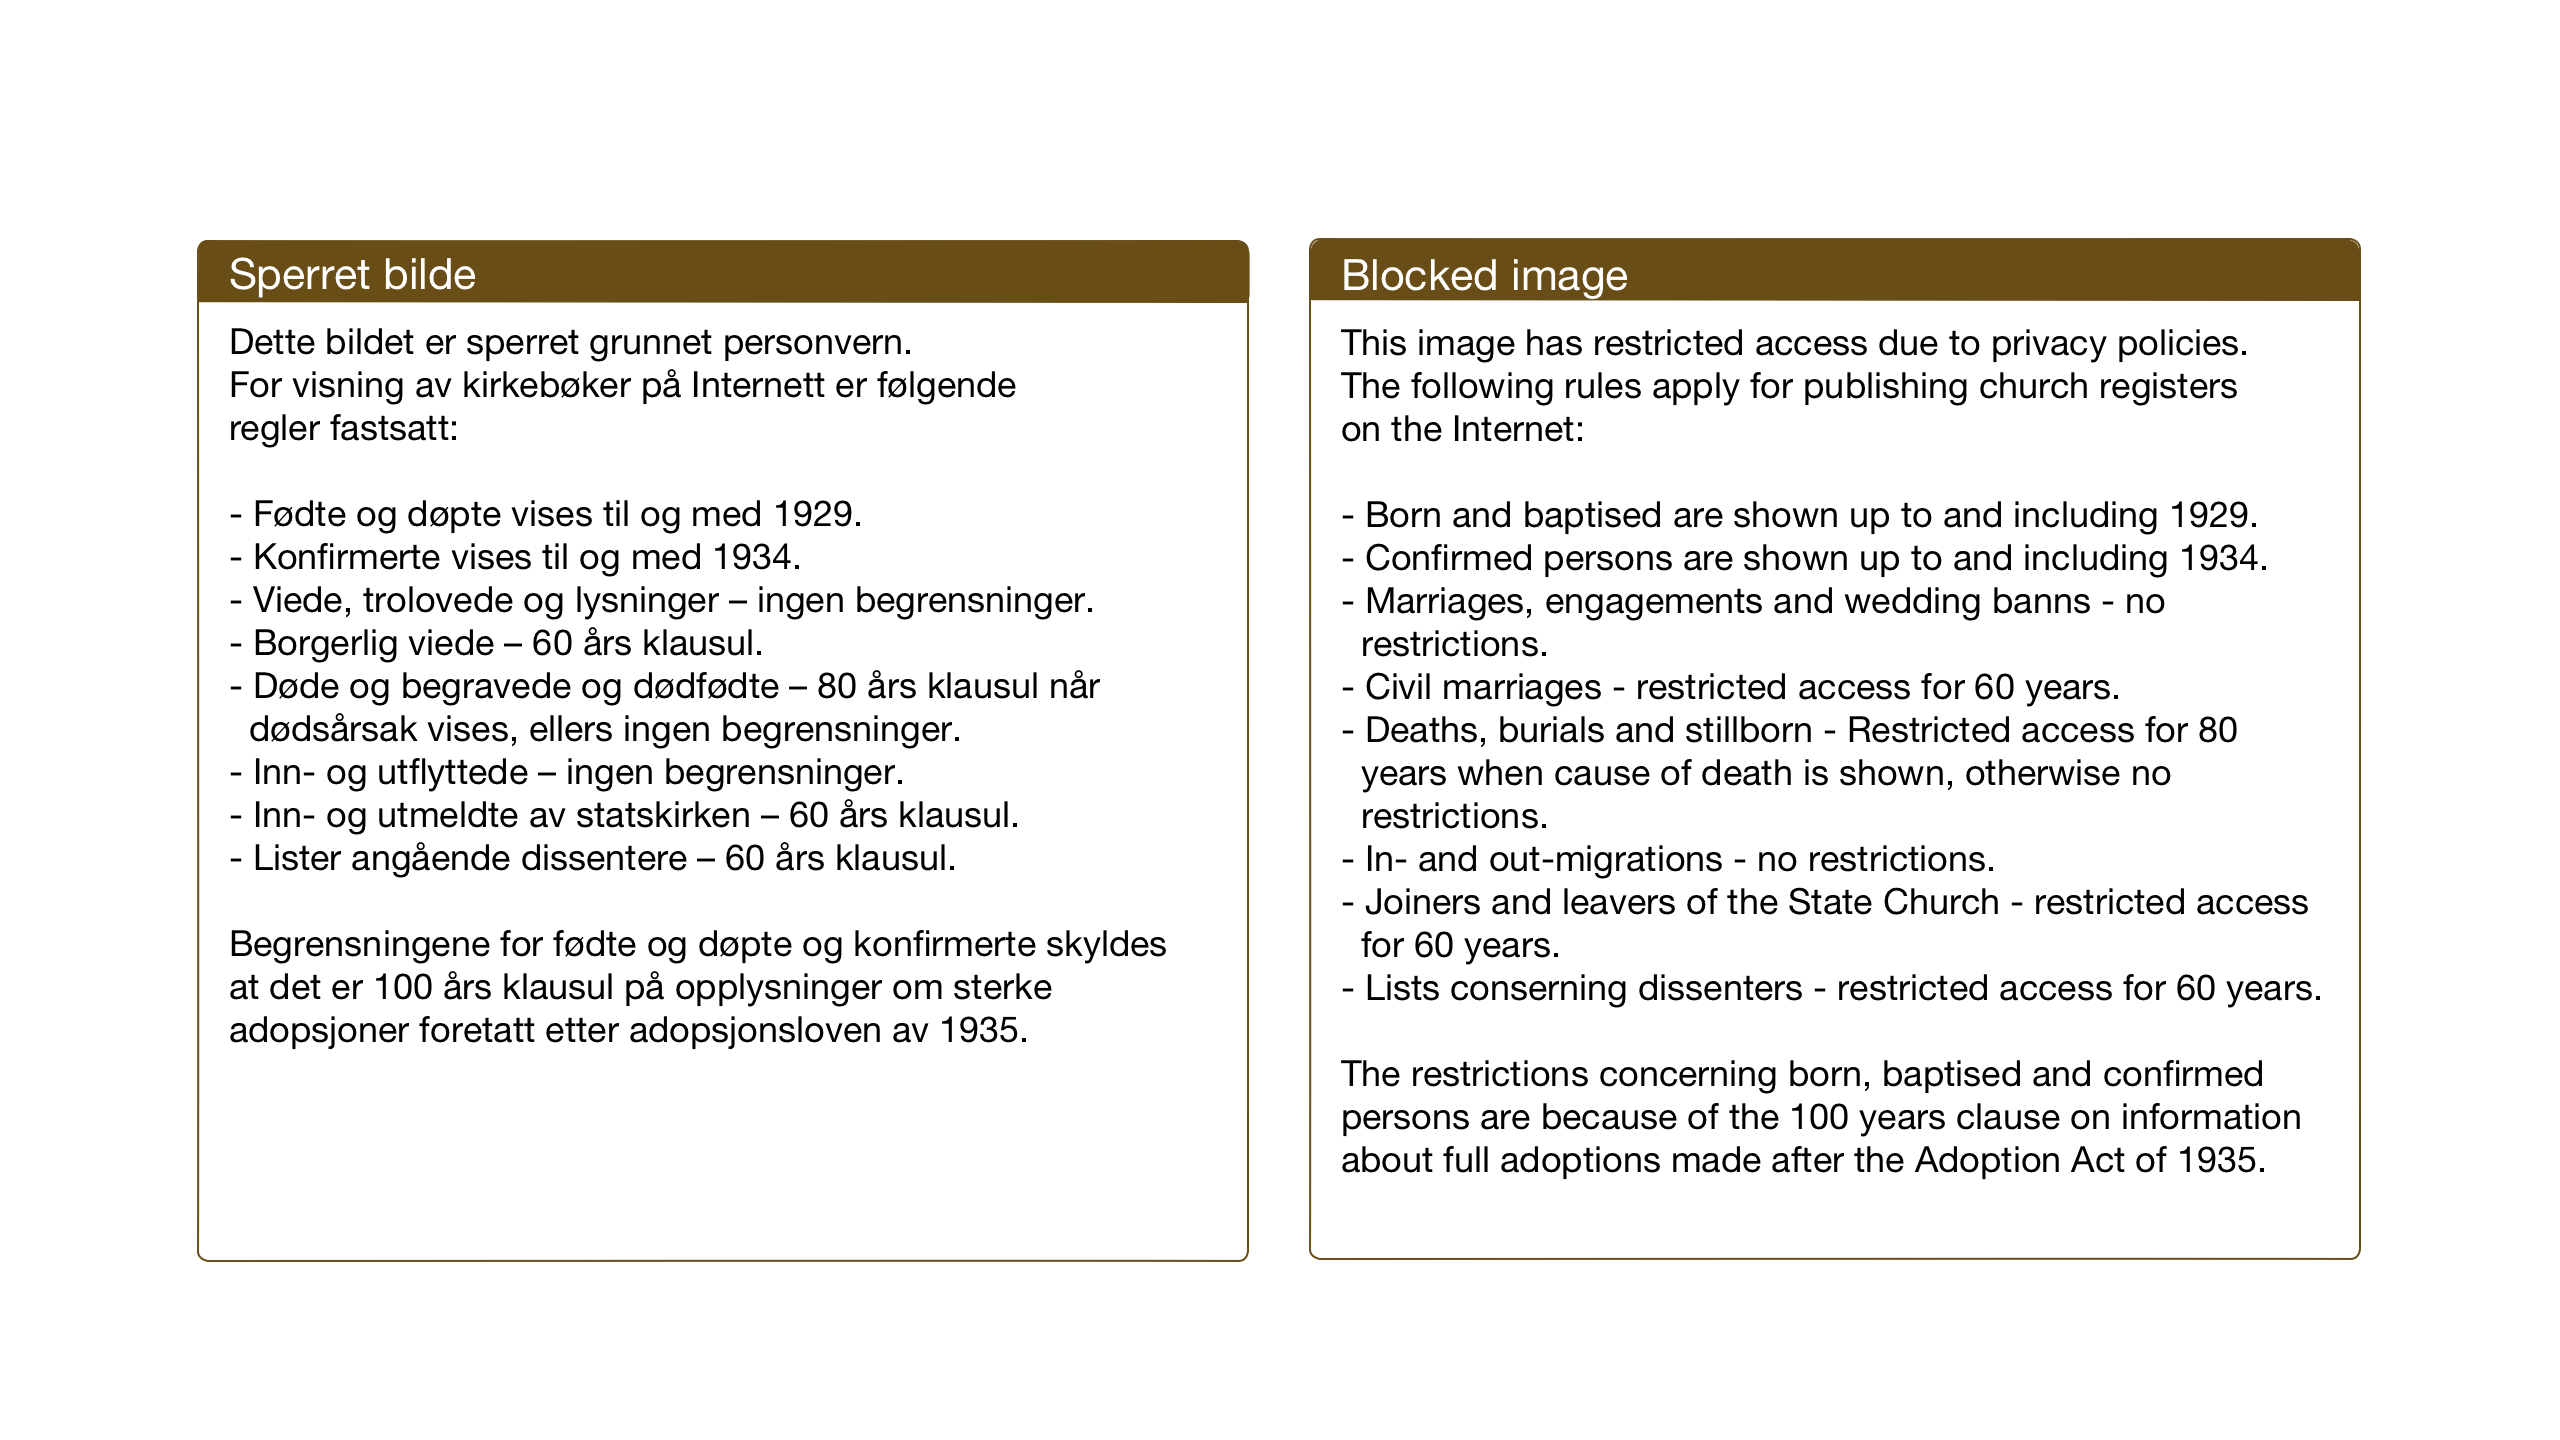 SAT, Ministerialprotokoller, klokkerbøker og fødselsregistre - Sør-Trøndelag, 621/L0462: Klokkerbok nr. 621C05, 1915-1945, s. 40